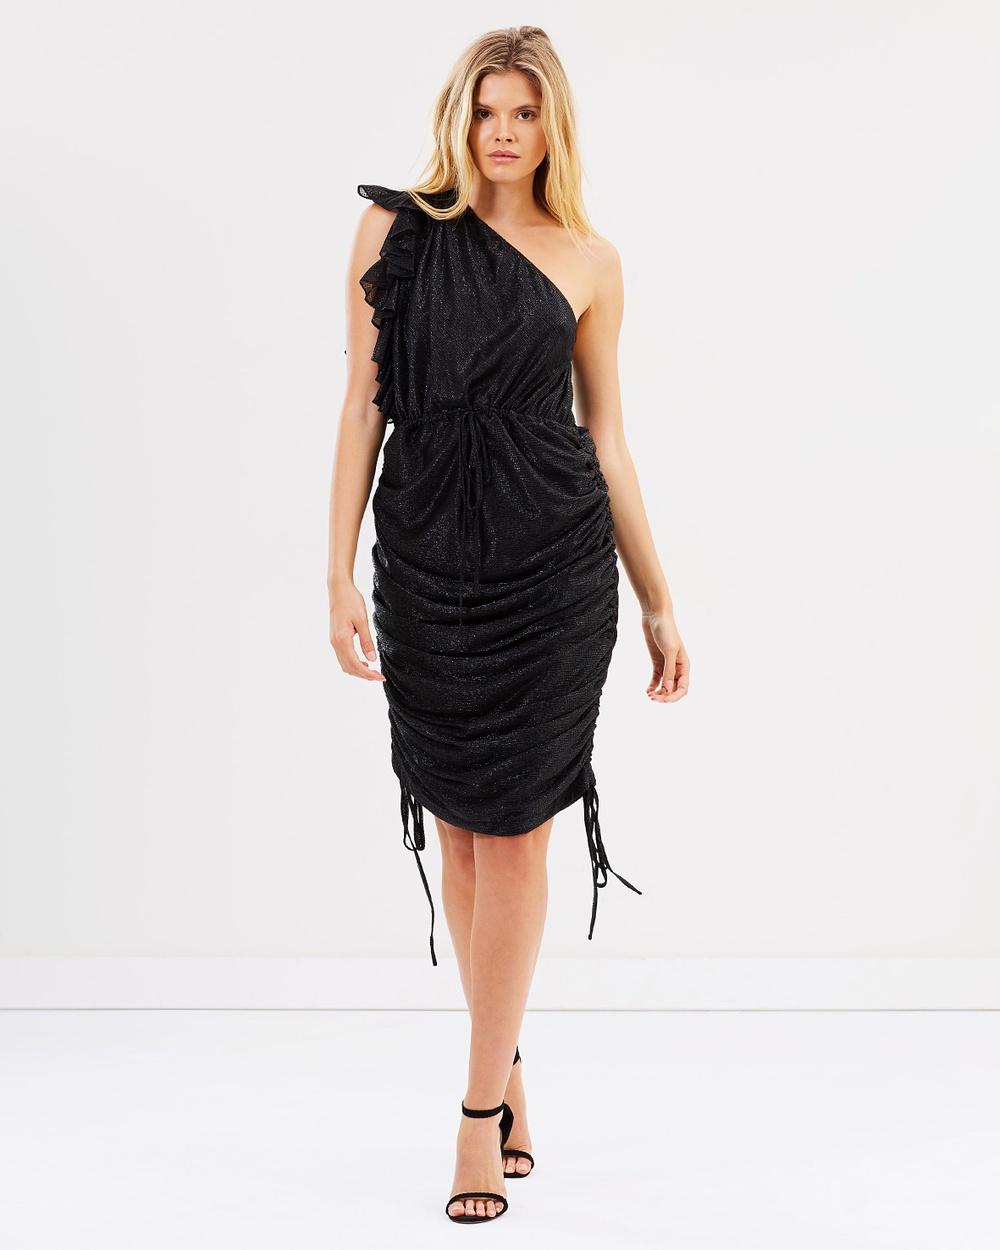 Shona Joy Cassis One Shoulder Drawstring Mini Dress Dresses Black Cassis One-Shoulder Drawstring Mini Dress